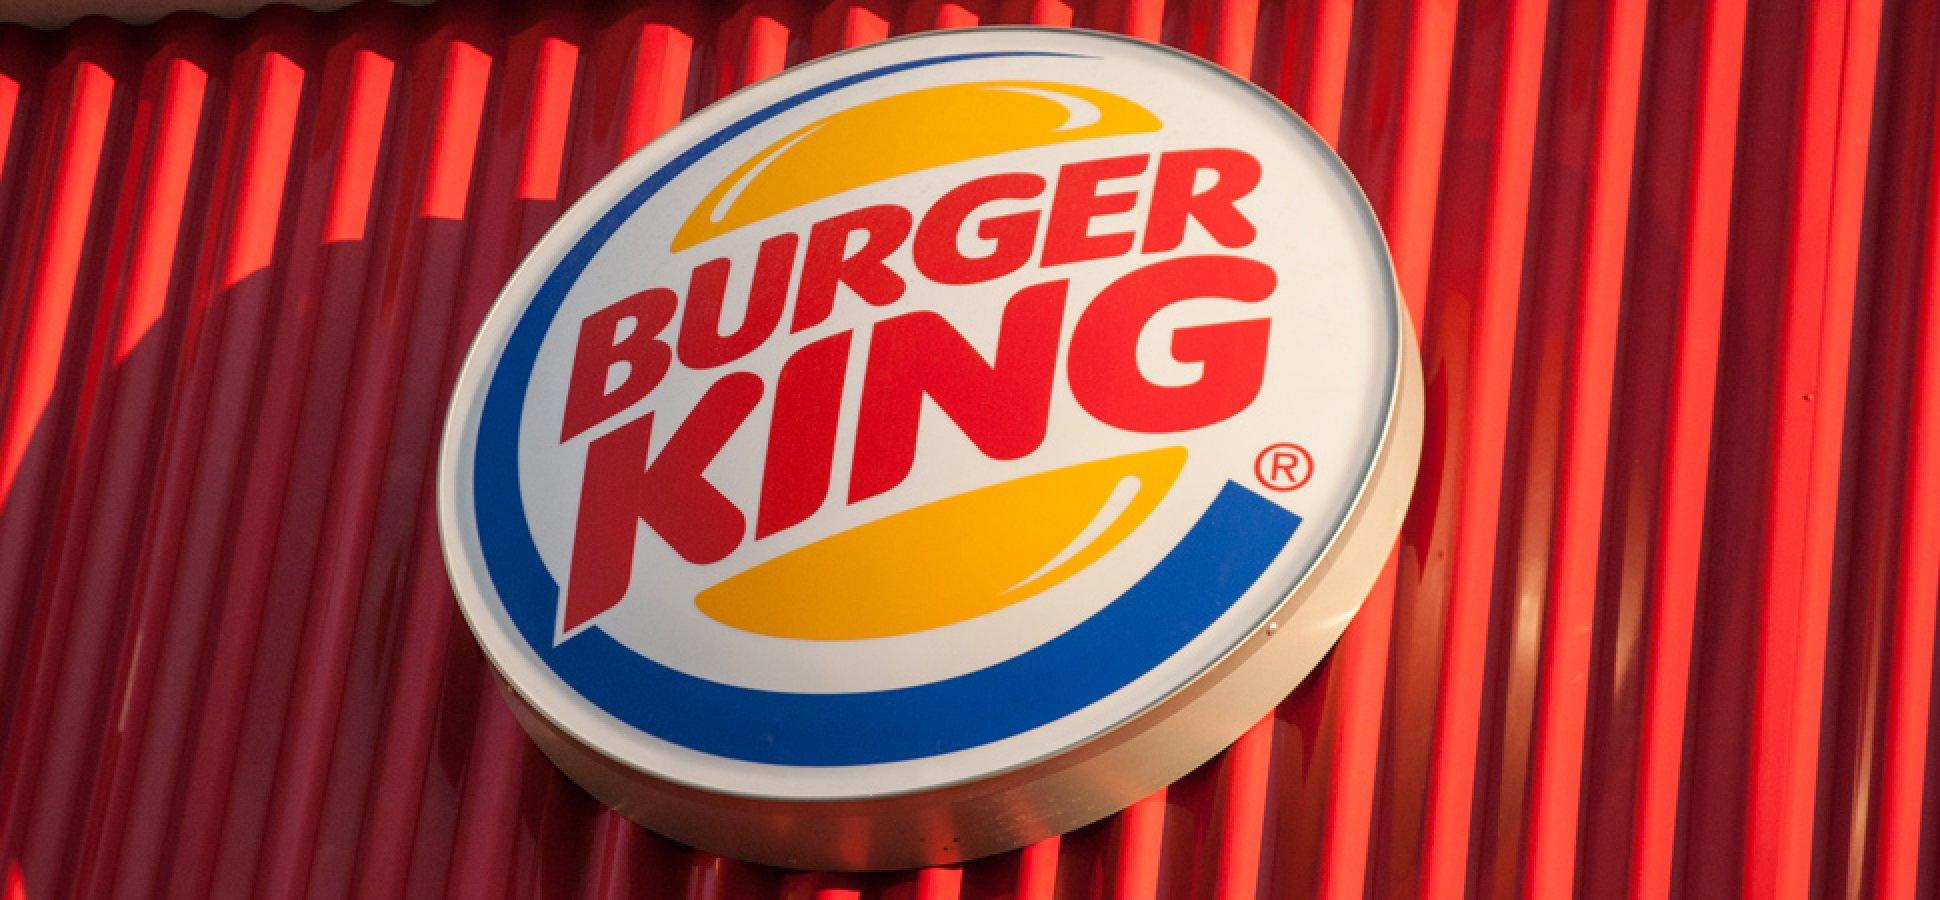 Burger King franchises  Wikipedia